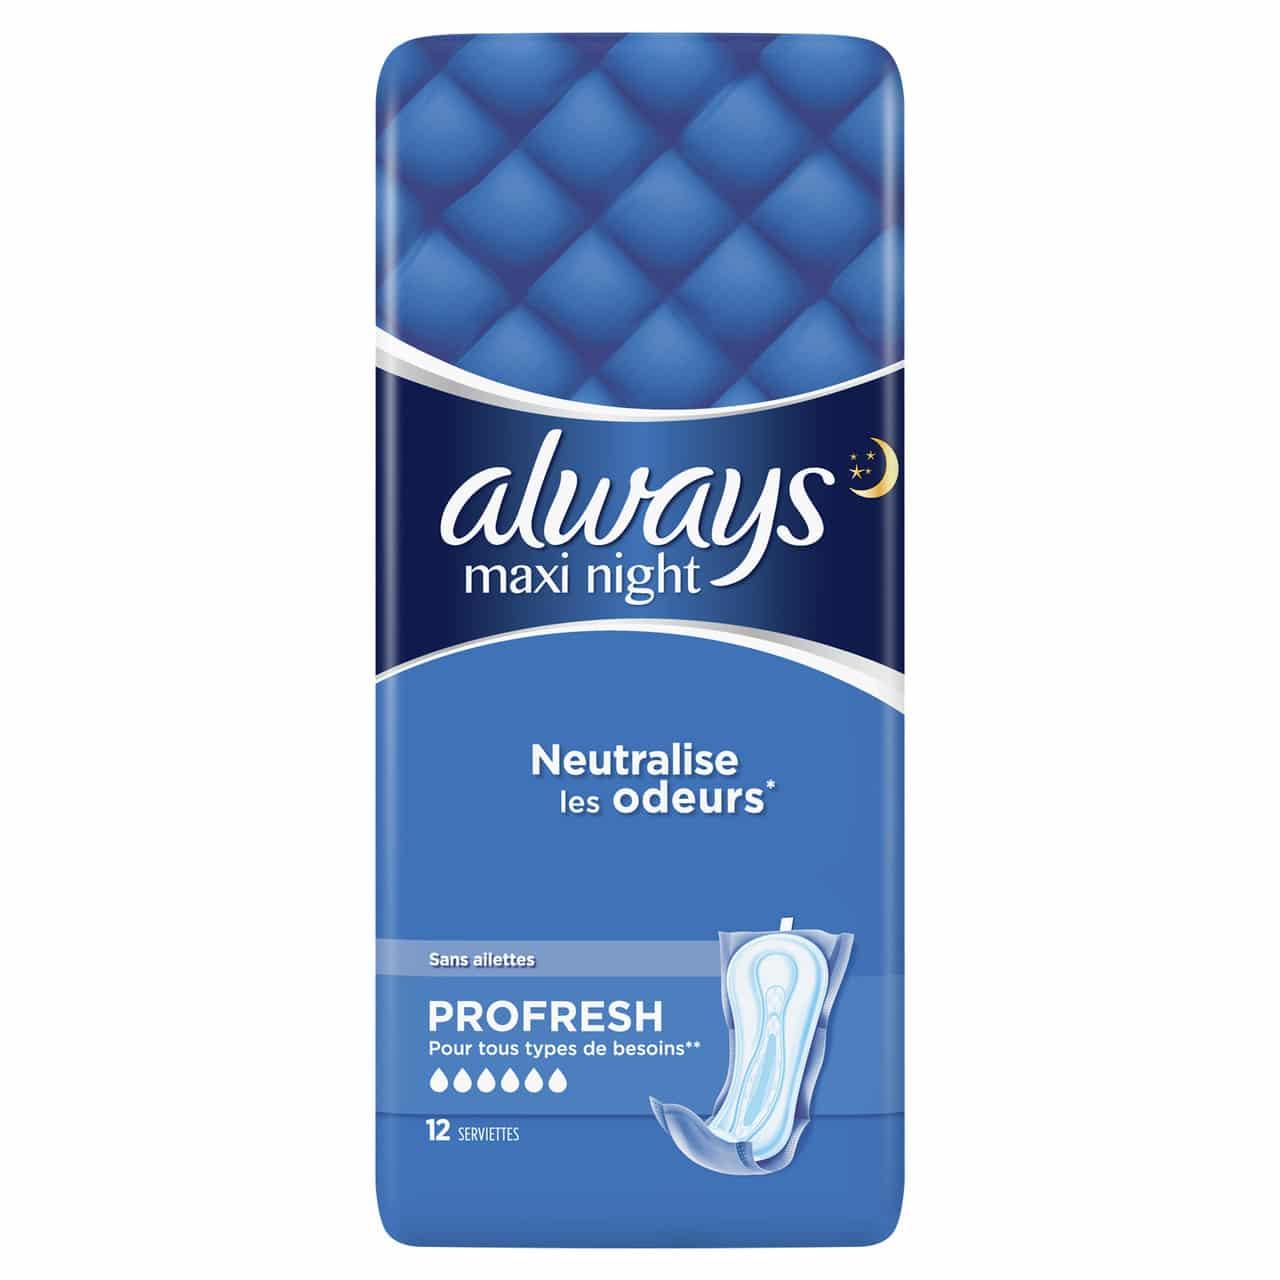 ALWAYS MAXI NIGHT PROFRESH BY 12